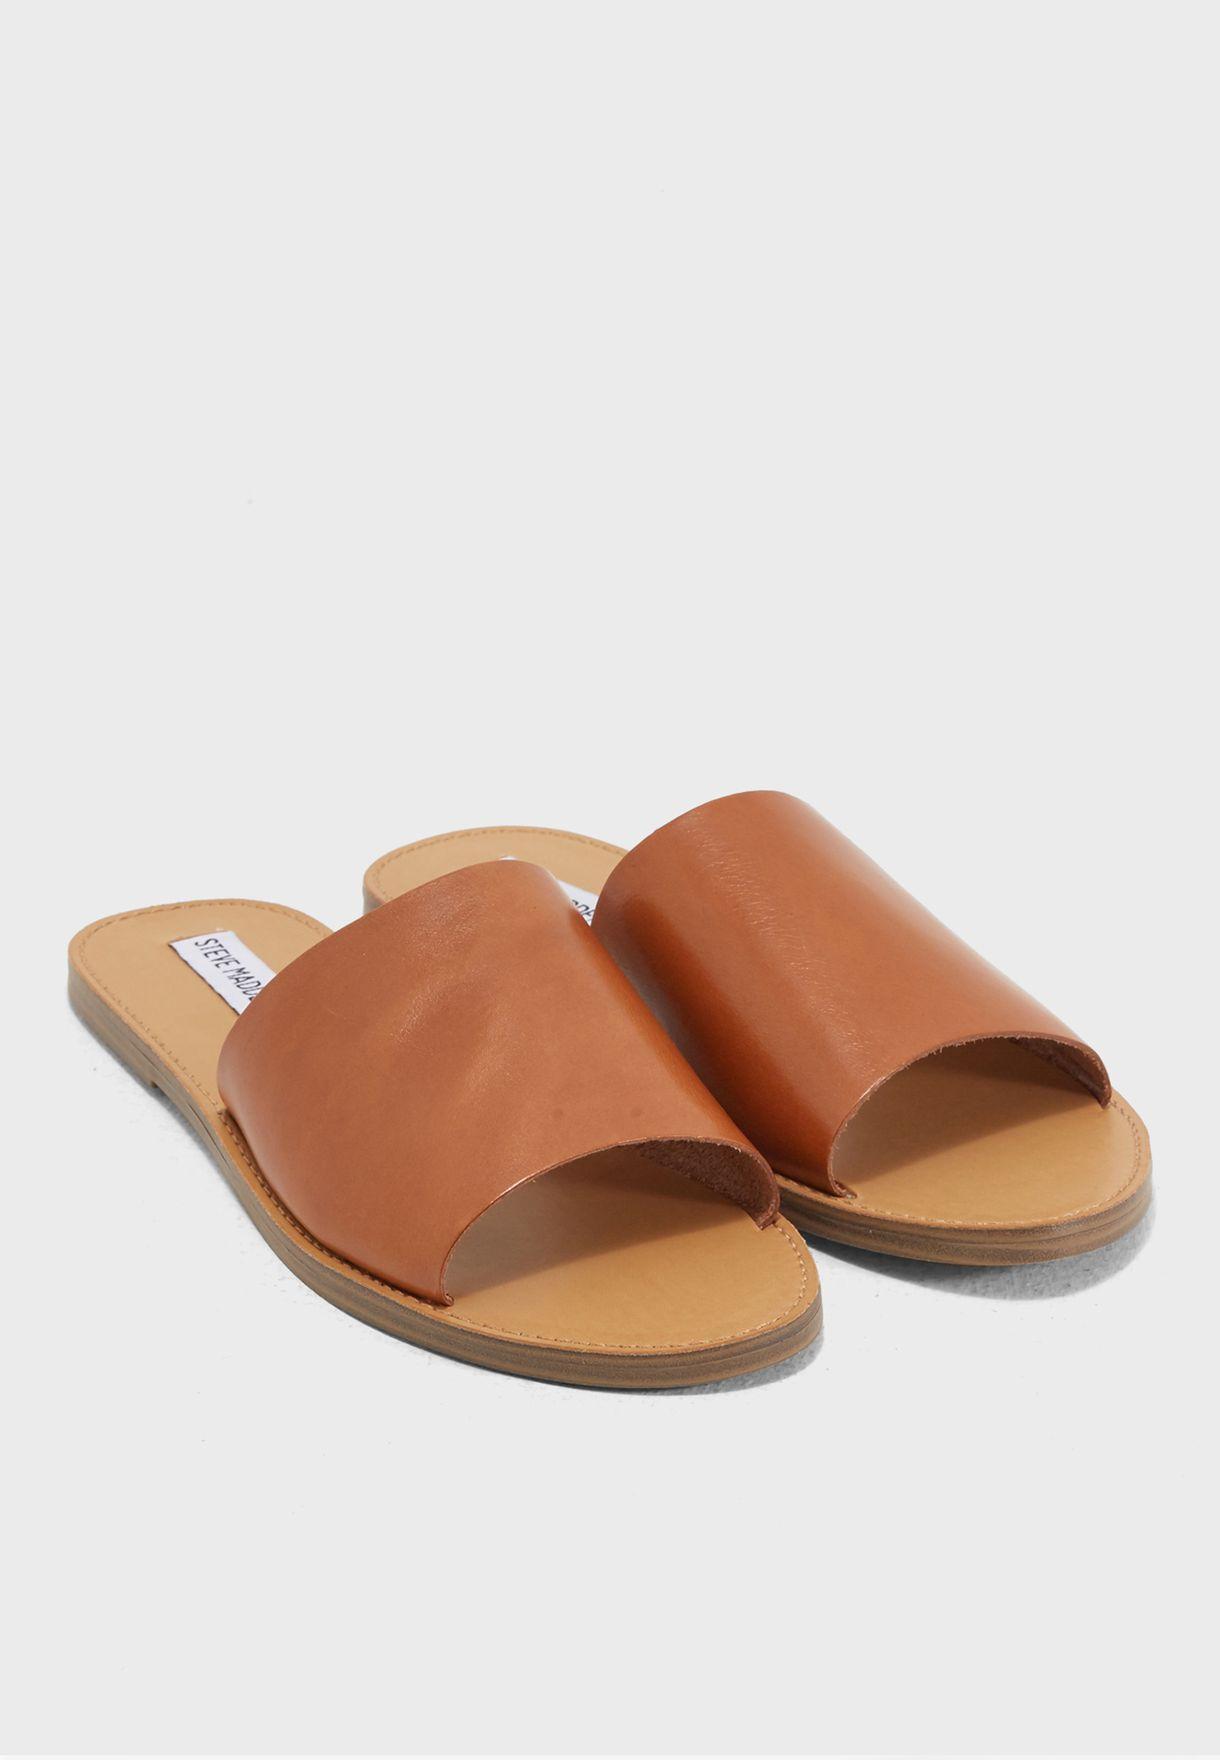 20399d666ead Shop Steve Madden brown Grace Flat Sandals GRACE for Women in UAE ...